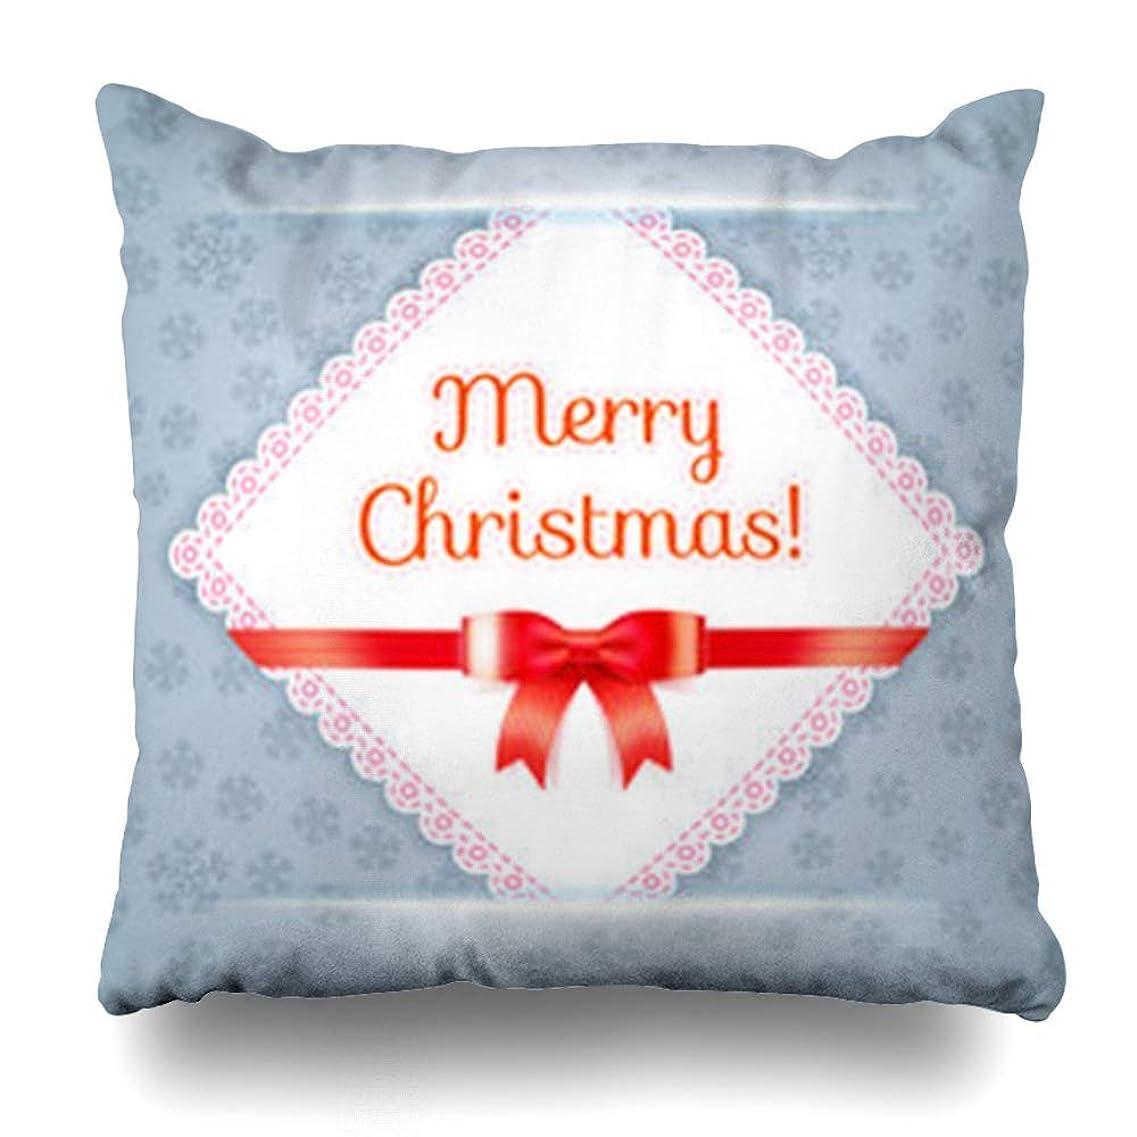 じゃがいもベイビー計算可能スロー枕カバーさまざまなクリスマス鹿挨拶野生動物枝角休日レトロサークル上品クールダンス威勢のいいホームデコレーションクッションケーススクエア18 * 18インチ装飾ソファ枕カバー